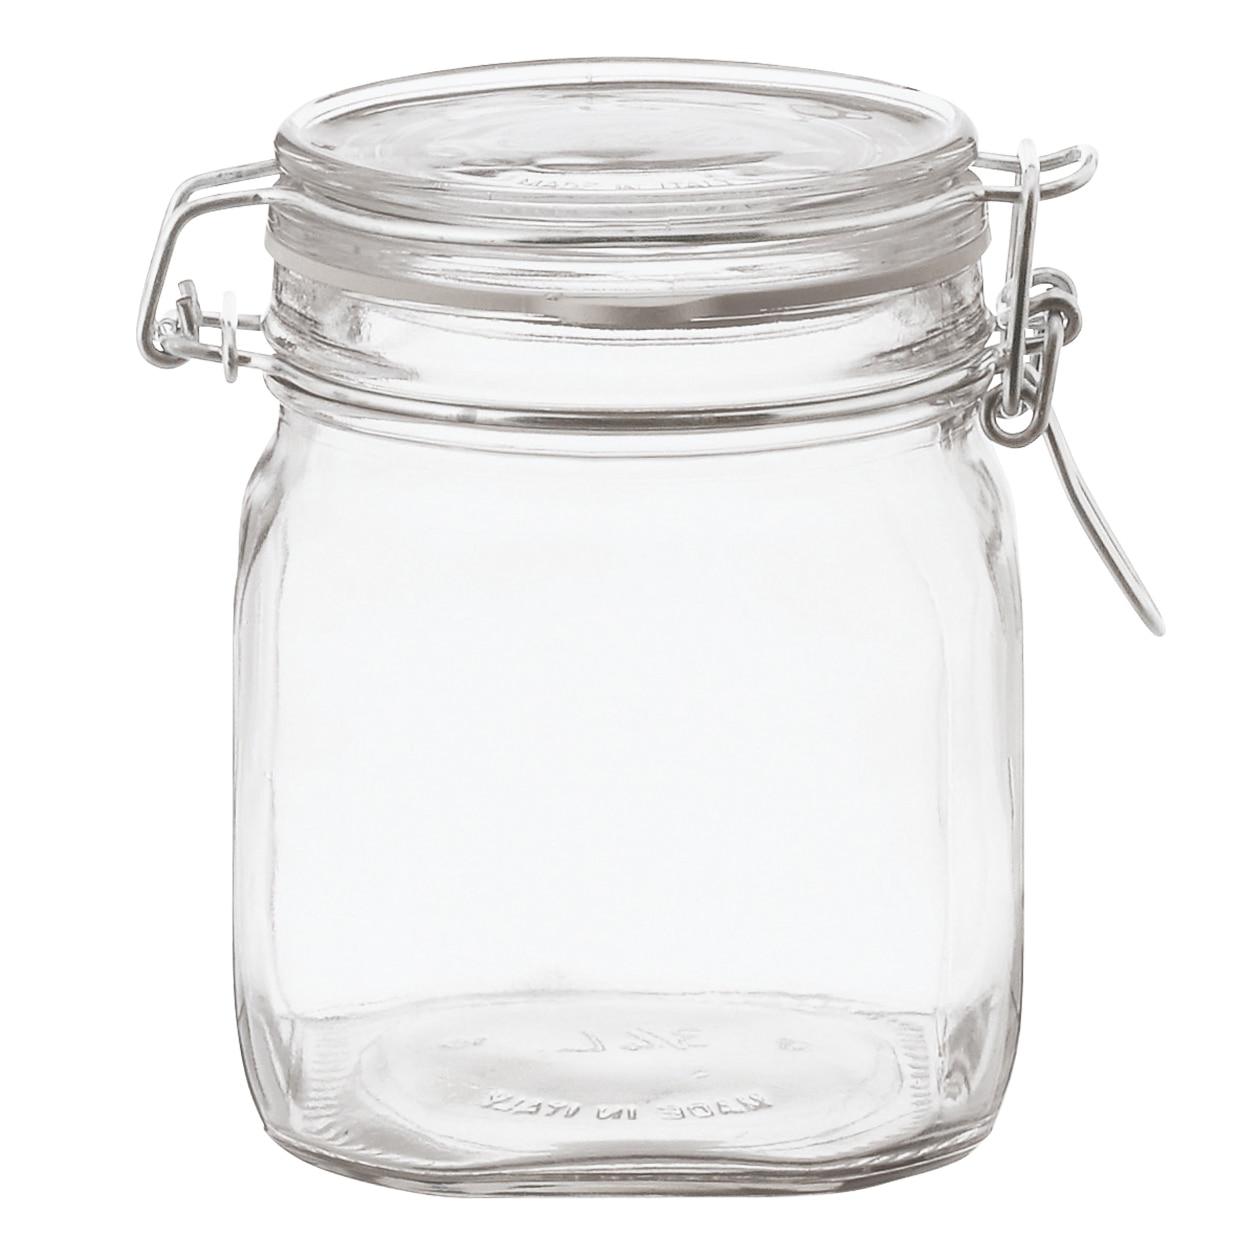 【まとめ買い】ソーダガラス密封ビンの写真